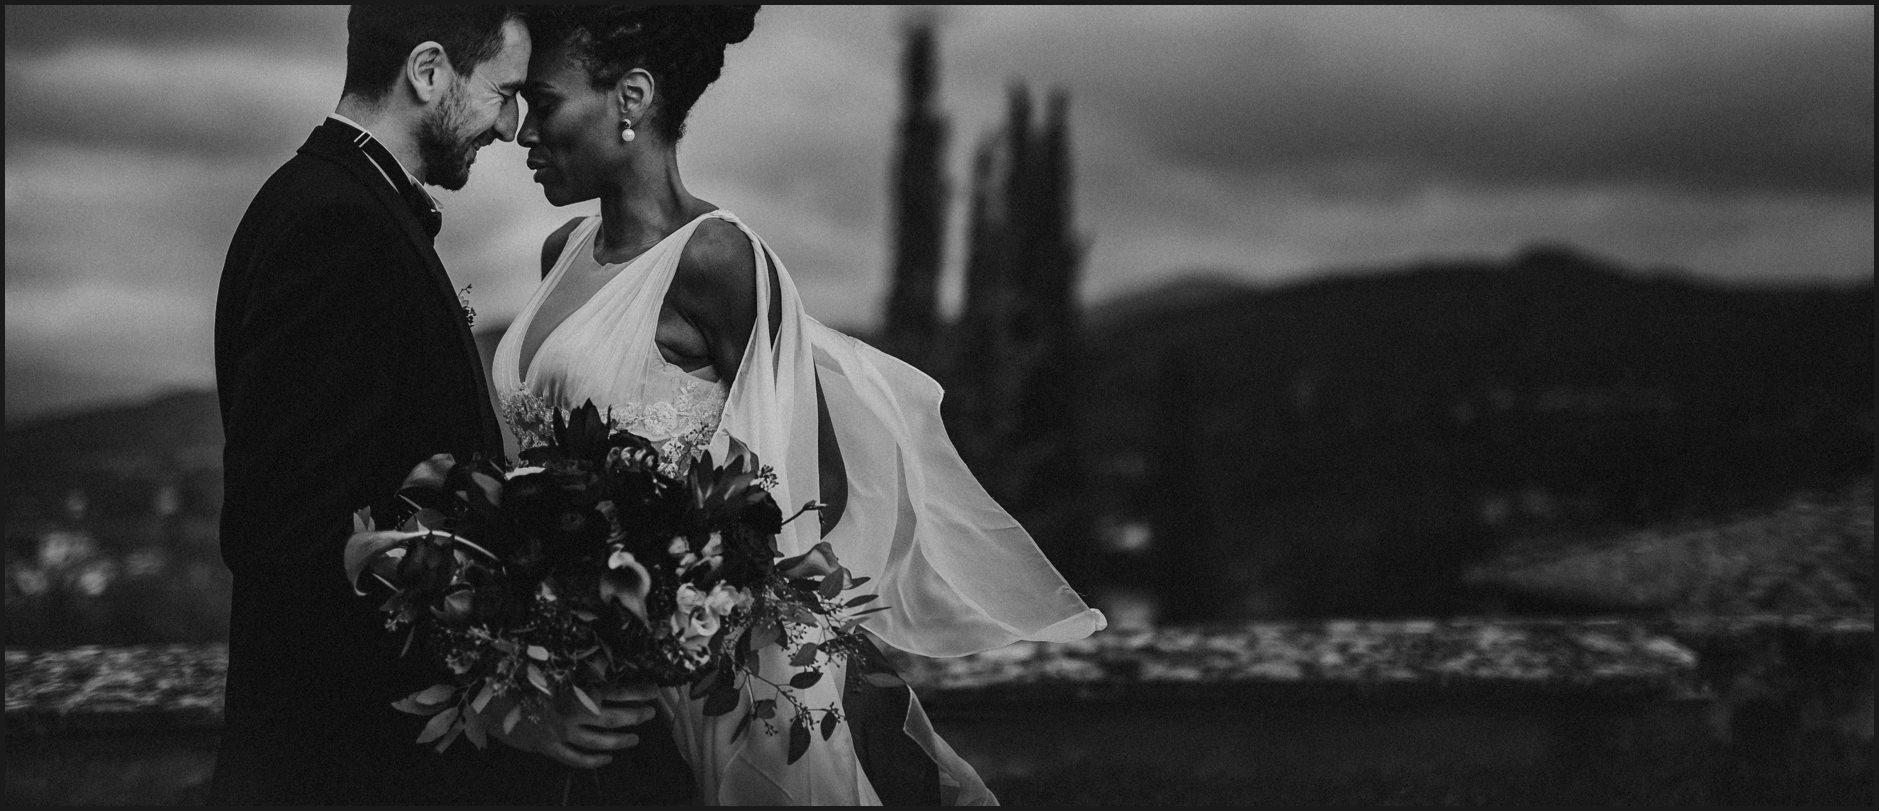 bride, groom, villa medicea di lilliano, wedding, tuscany, portrait, intimate, black and white